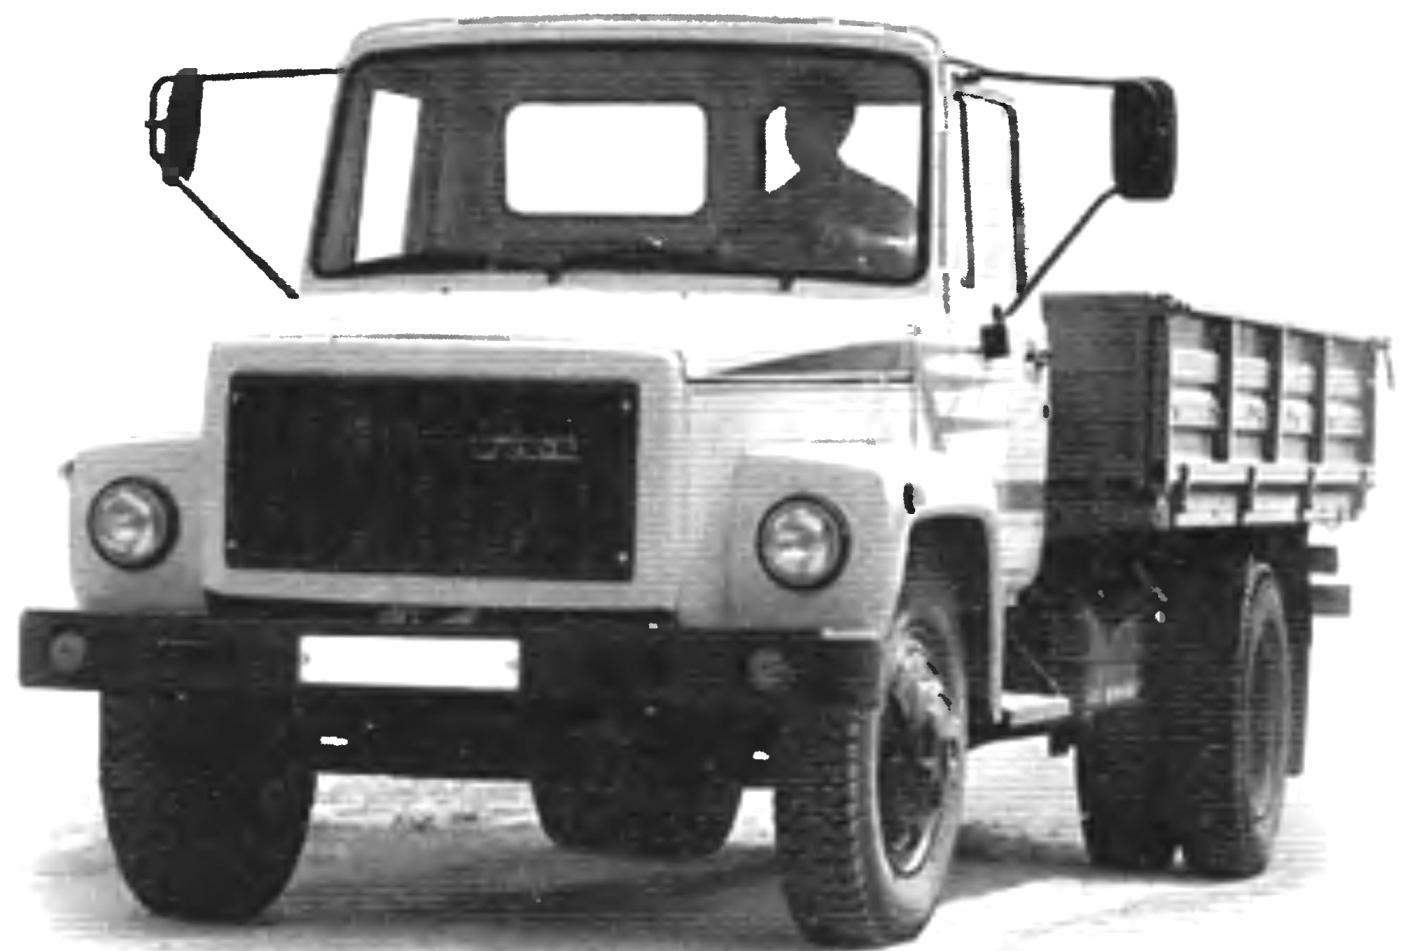 ГАЗ-3307 оснащался 120-сильным 8-цилиндровым бензиновым двигателем ЗМЗ-43-11